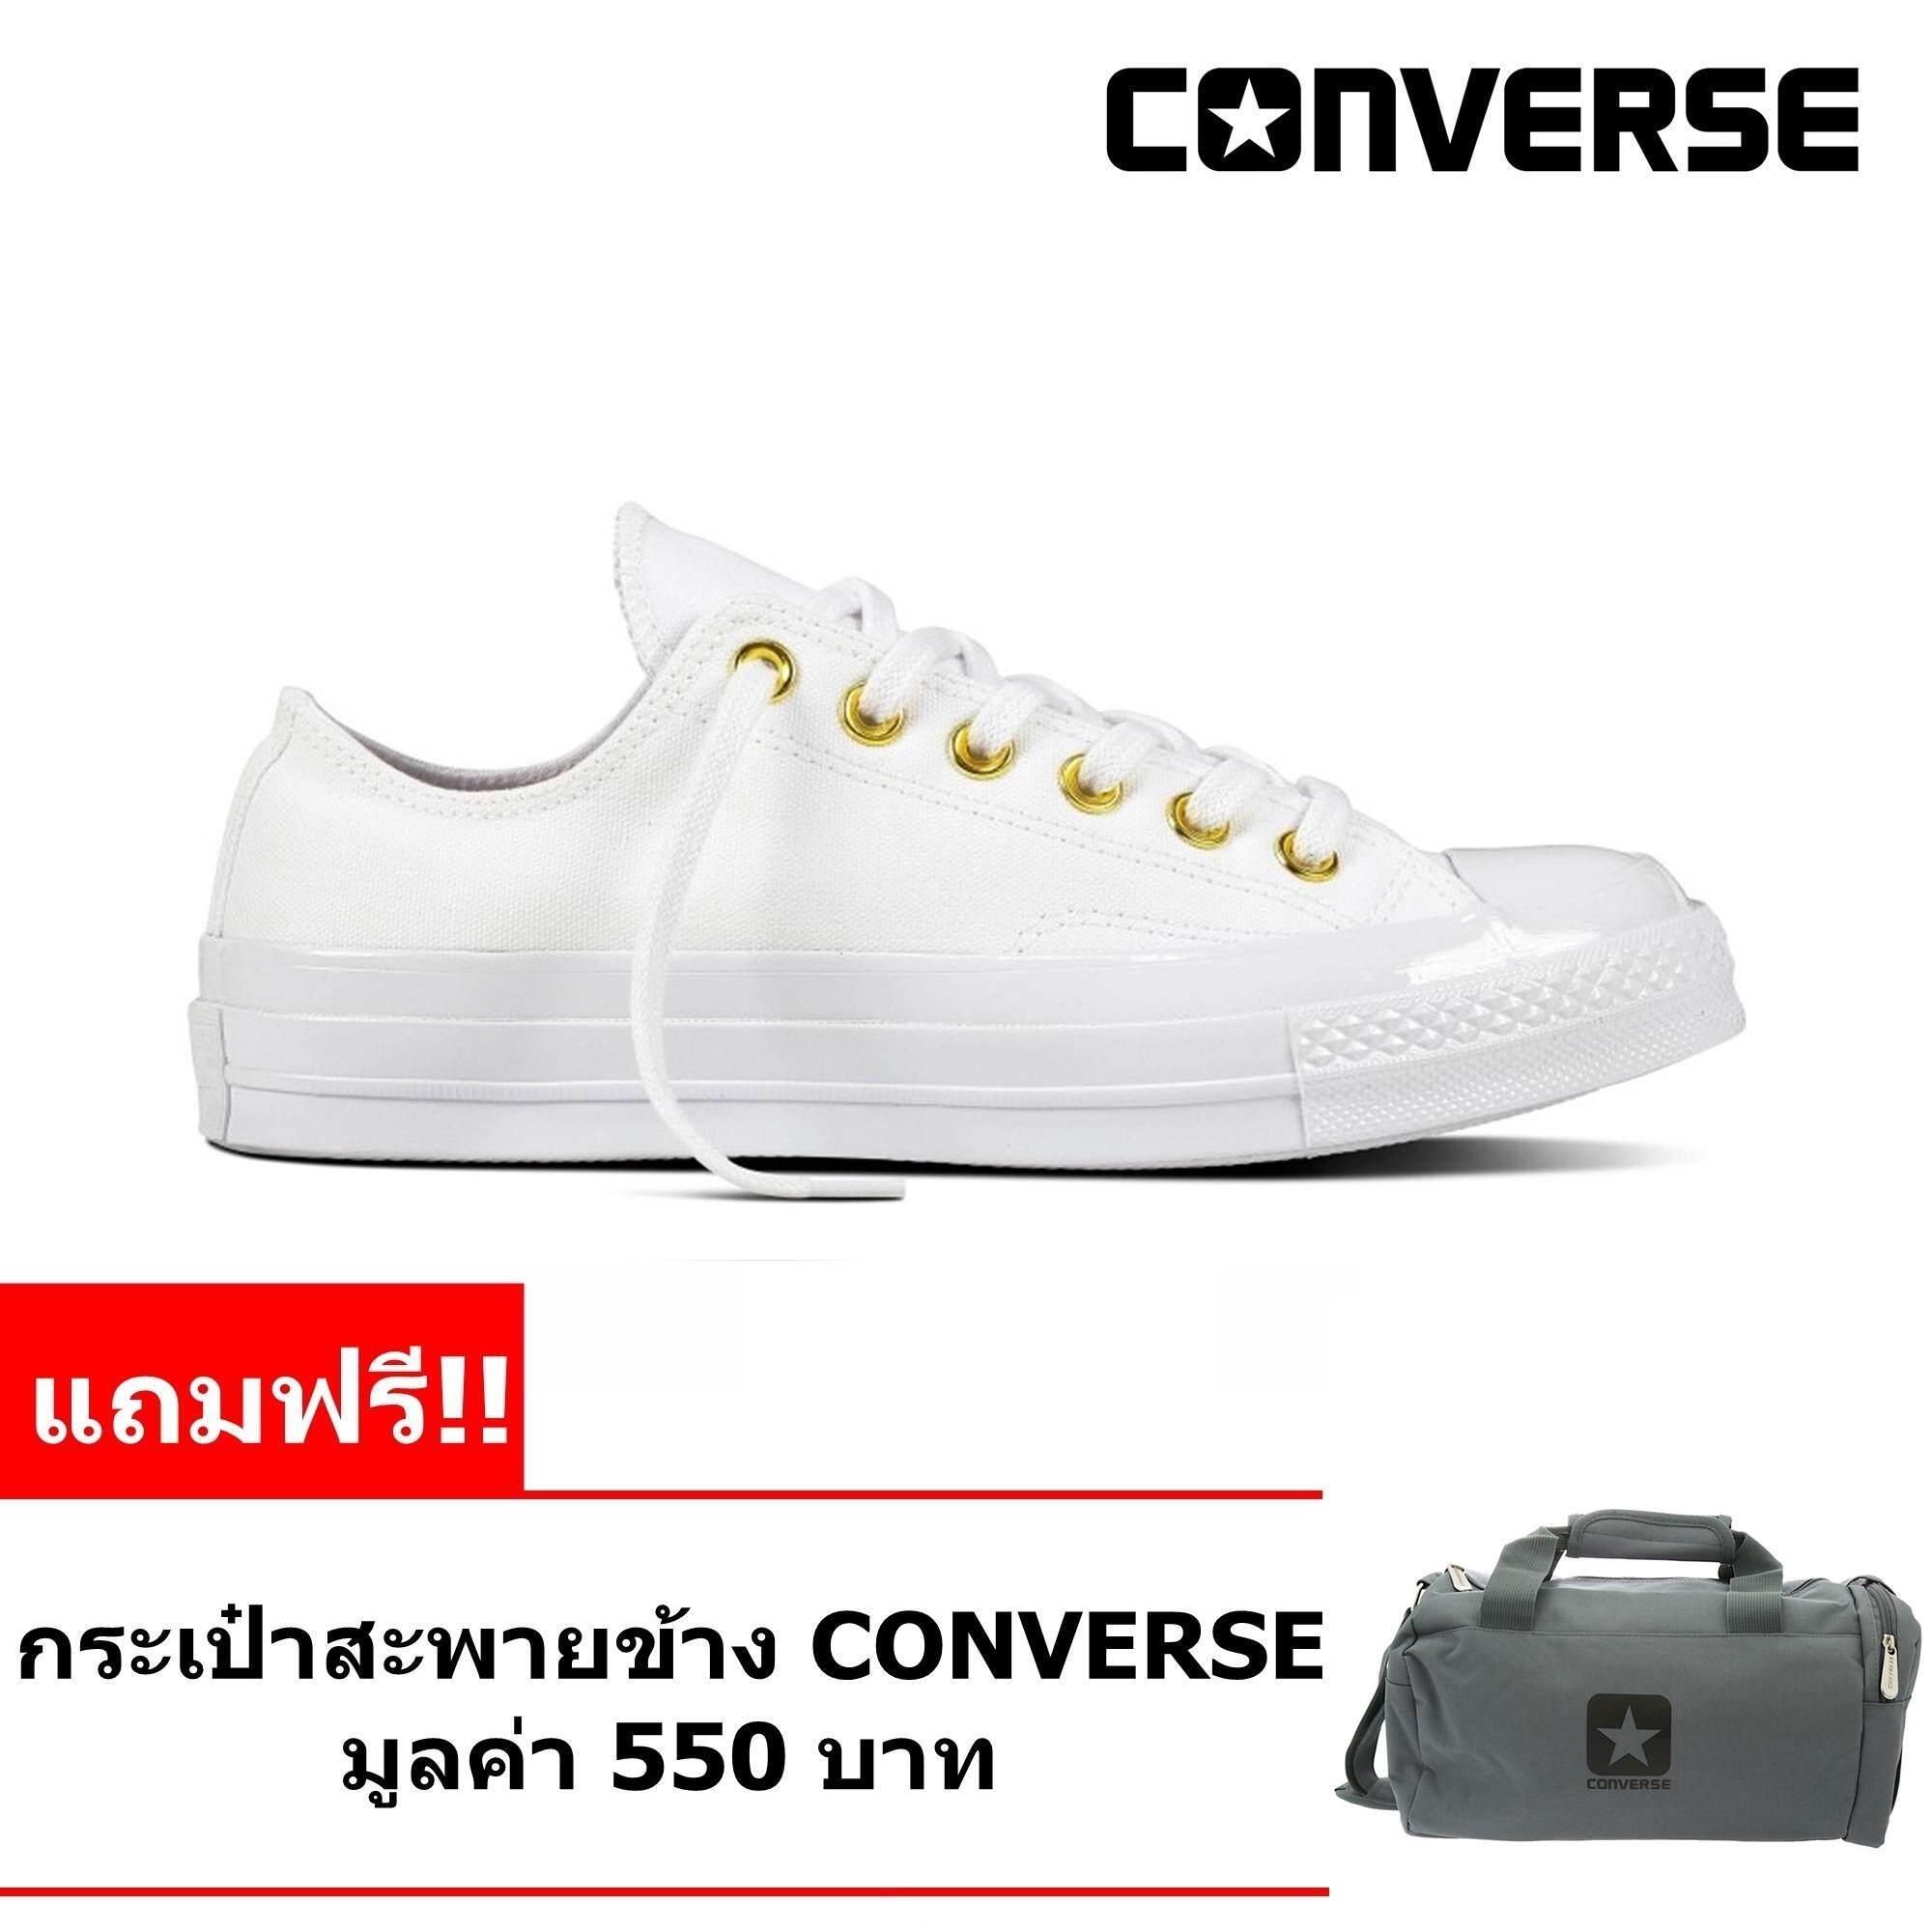 ยี่ห้อไหนดี  นนทบุรี Converse รองเท้า Chuck Taylor All Star 70 [160525C] แถมฟรี กระเป๋าสะพายข้าง Converse